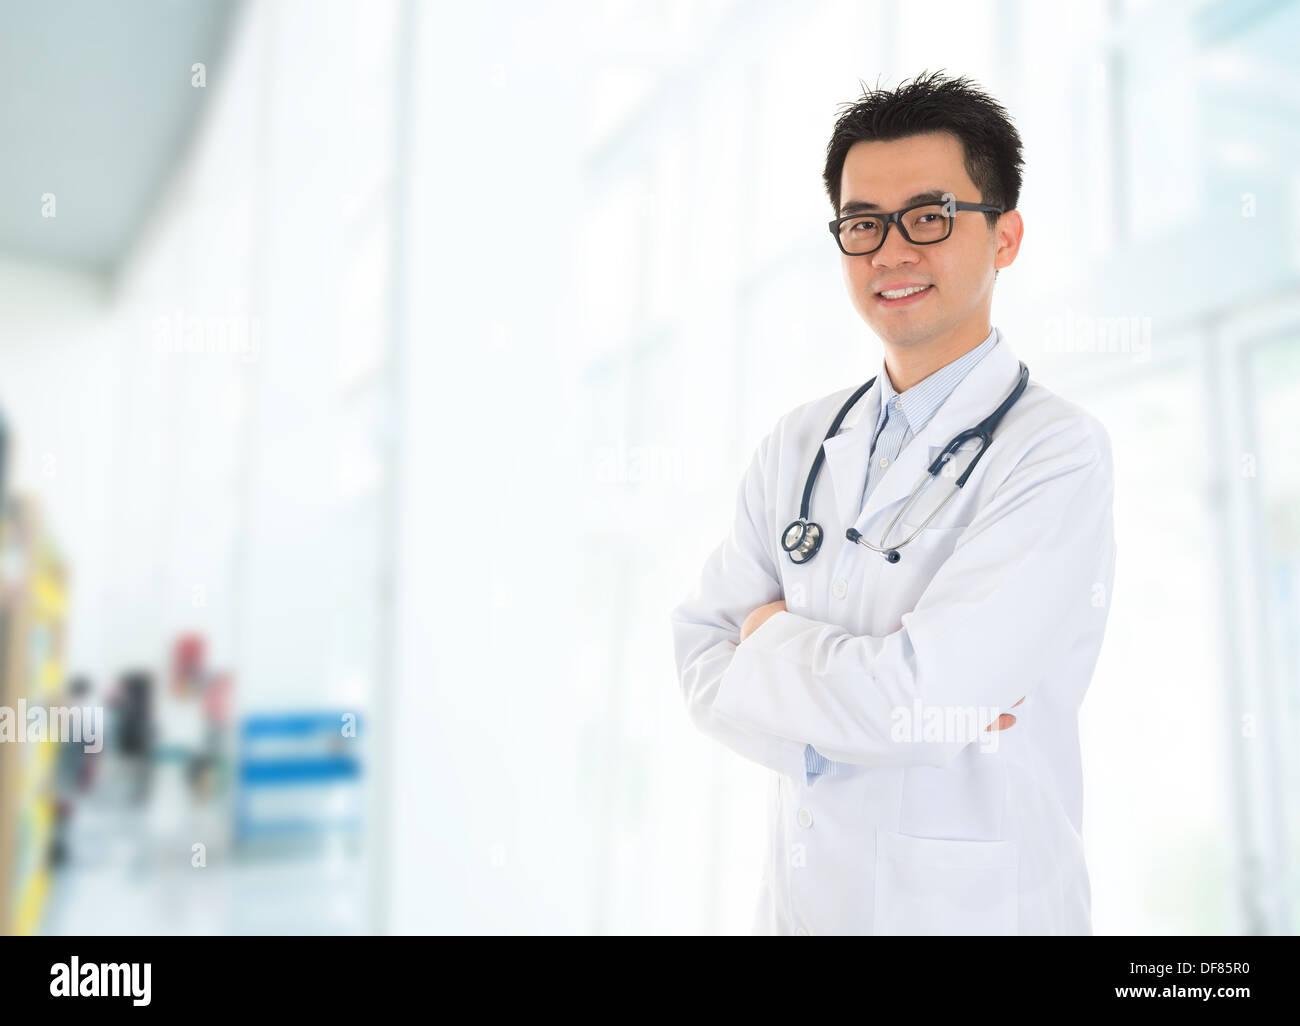 Médico masculino asiático con sonrisa segura de pie dentro del edificio del hospital. Imagen De Stock